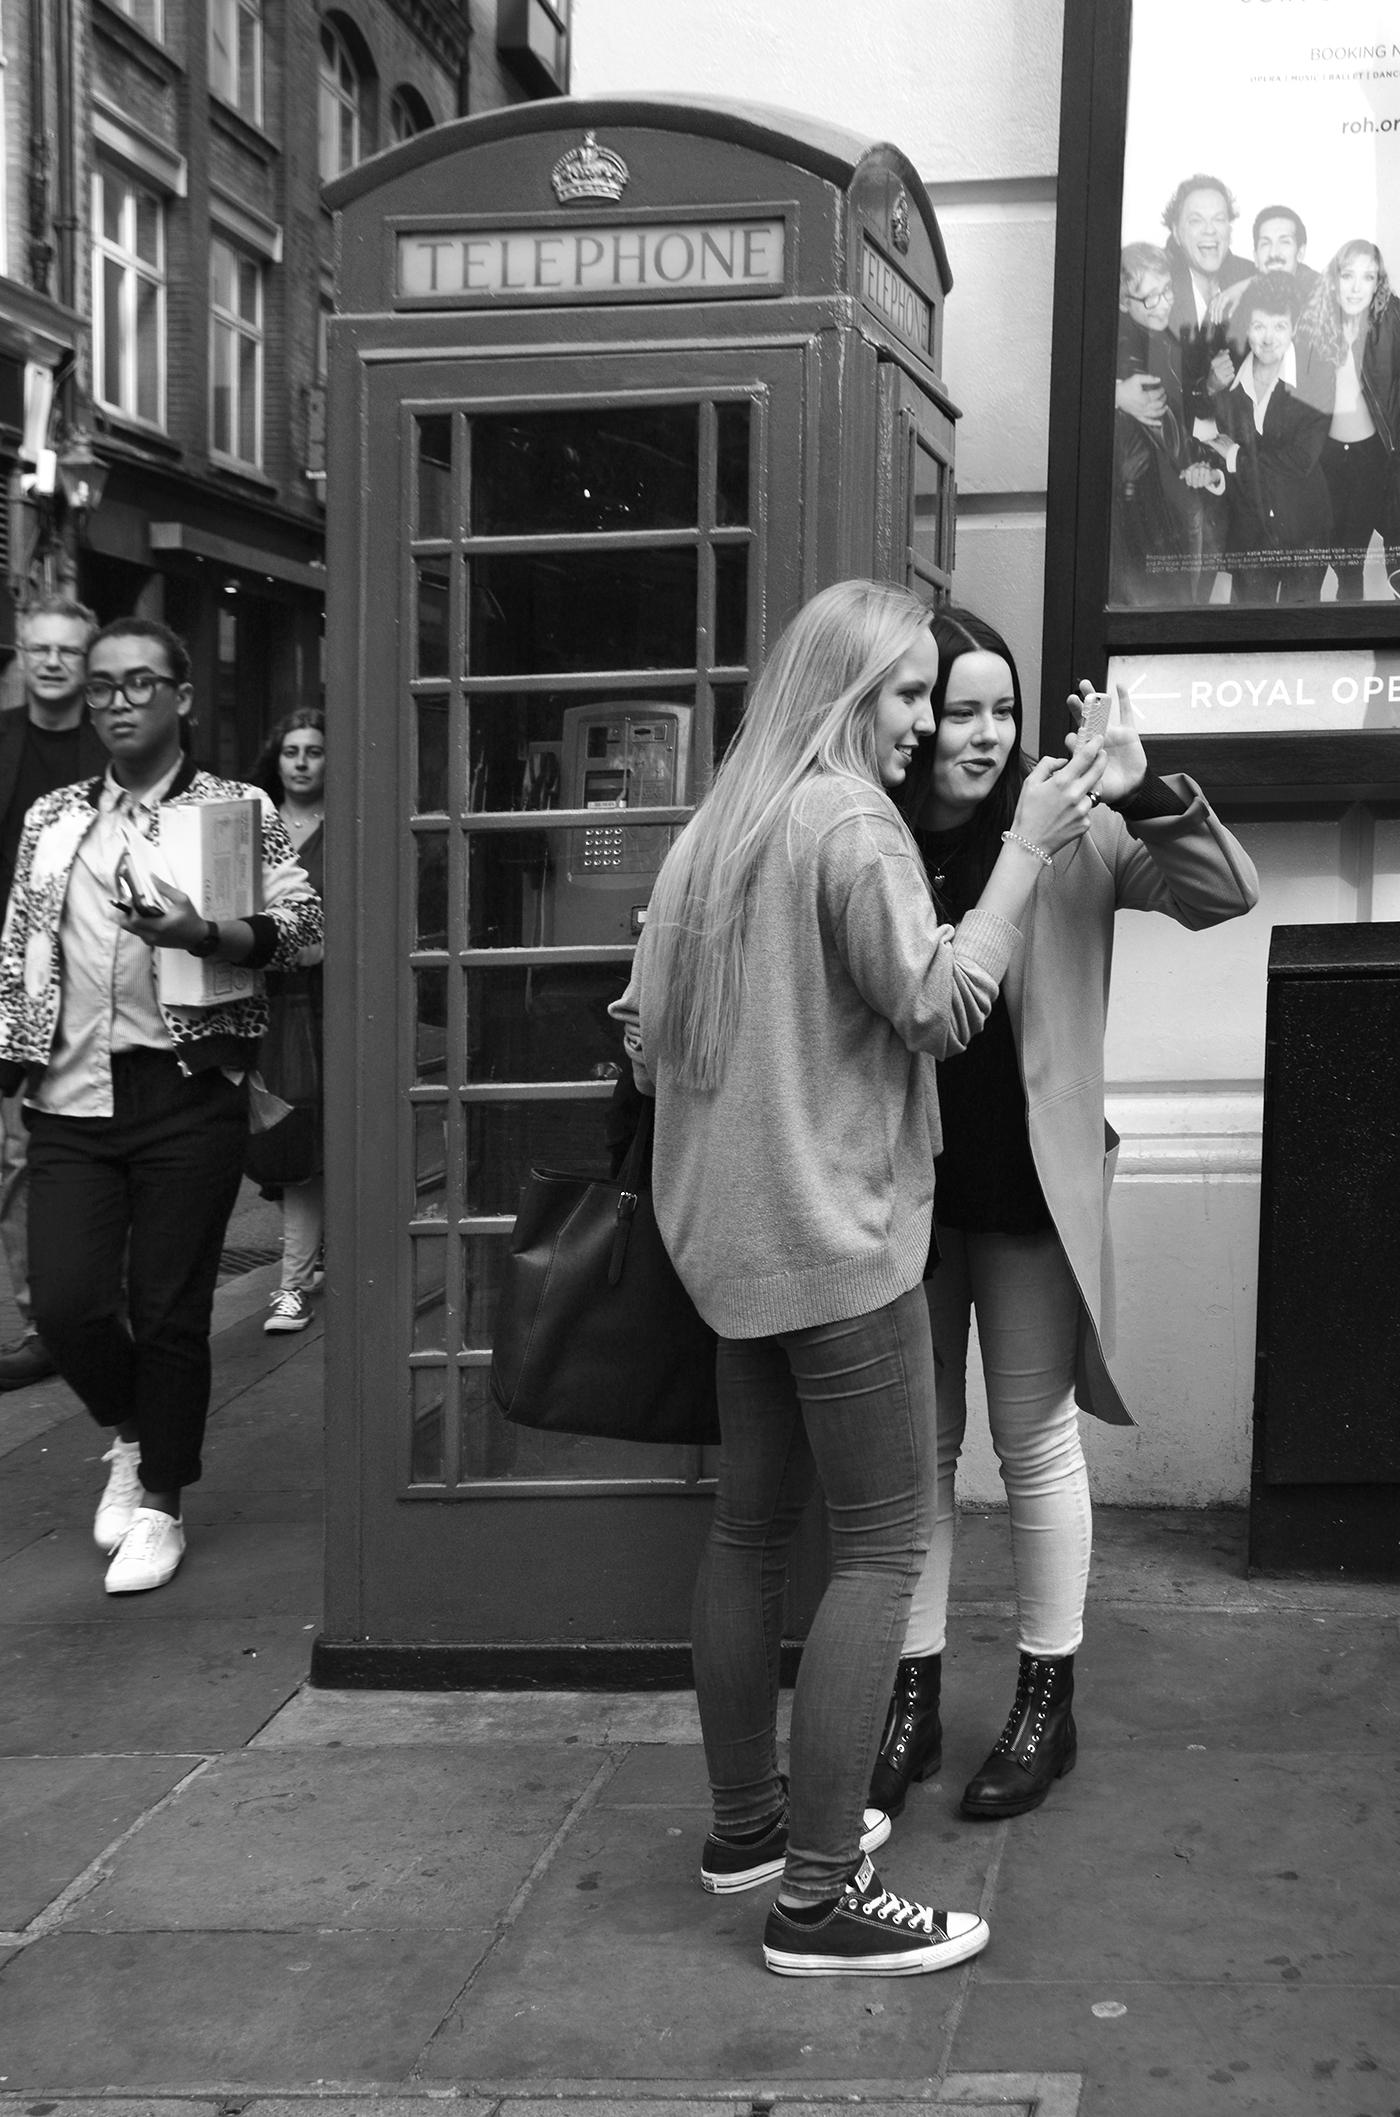 London (2017)